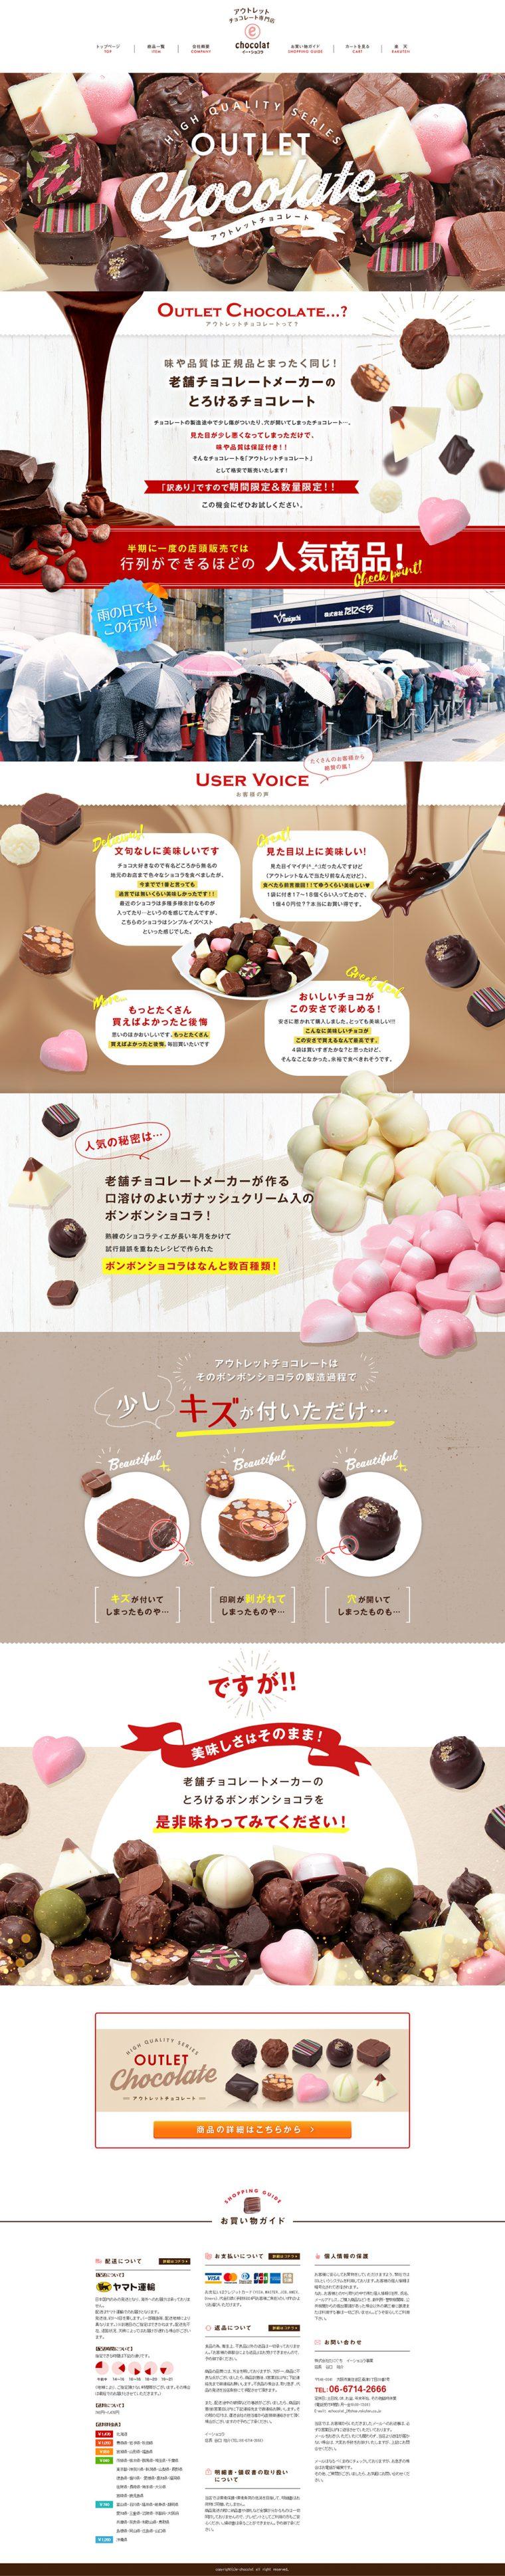 アウトレットチョコレート専門店